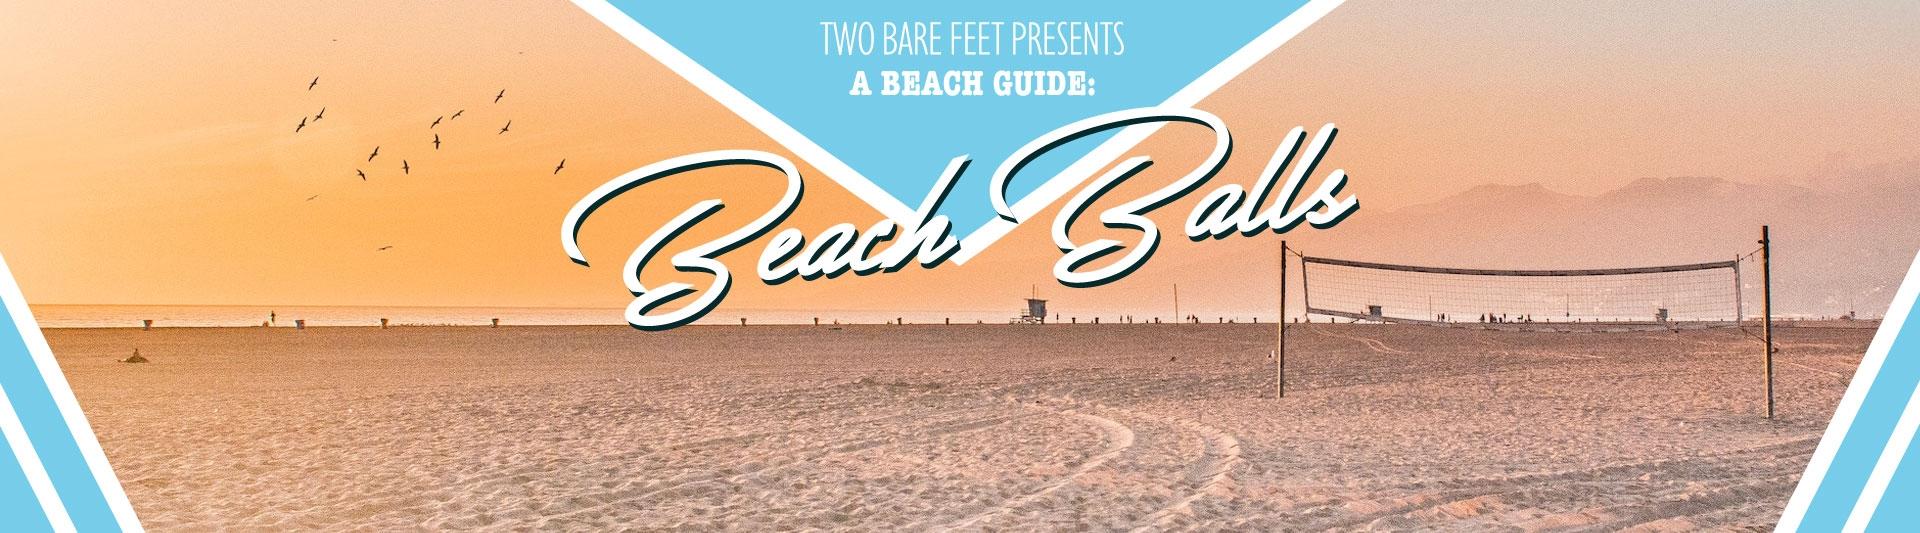 beach balls banner